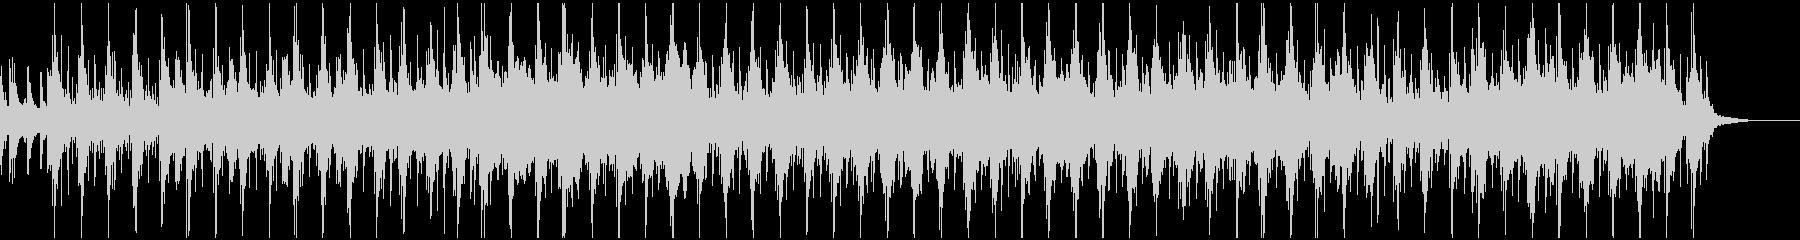 民族楽器を使用したアイリッシュ風の曲の未再生の波形